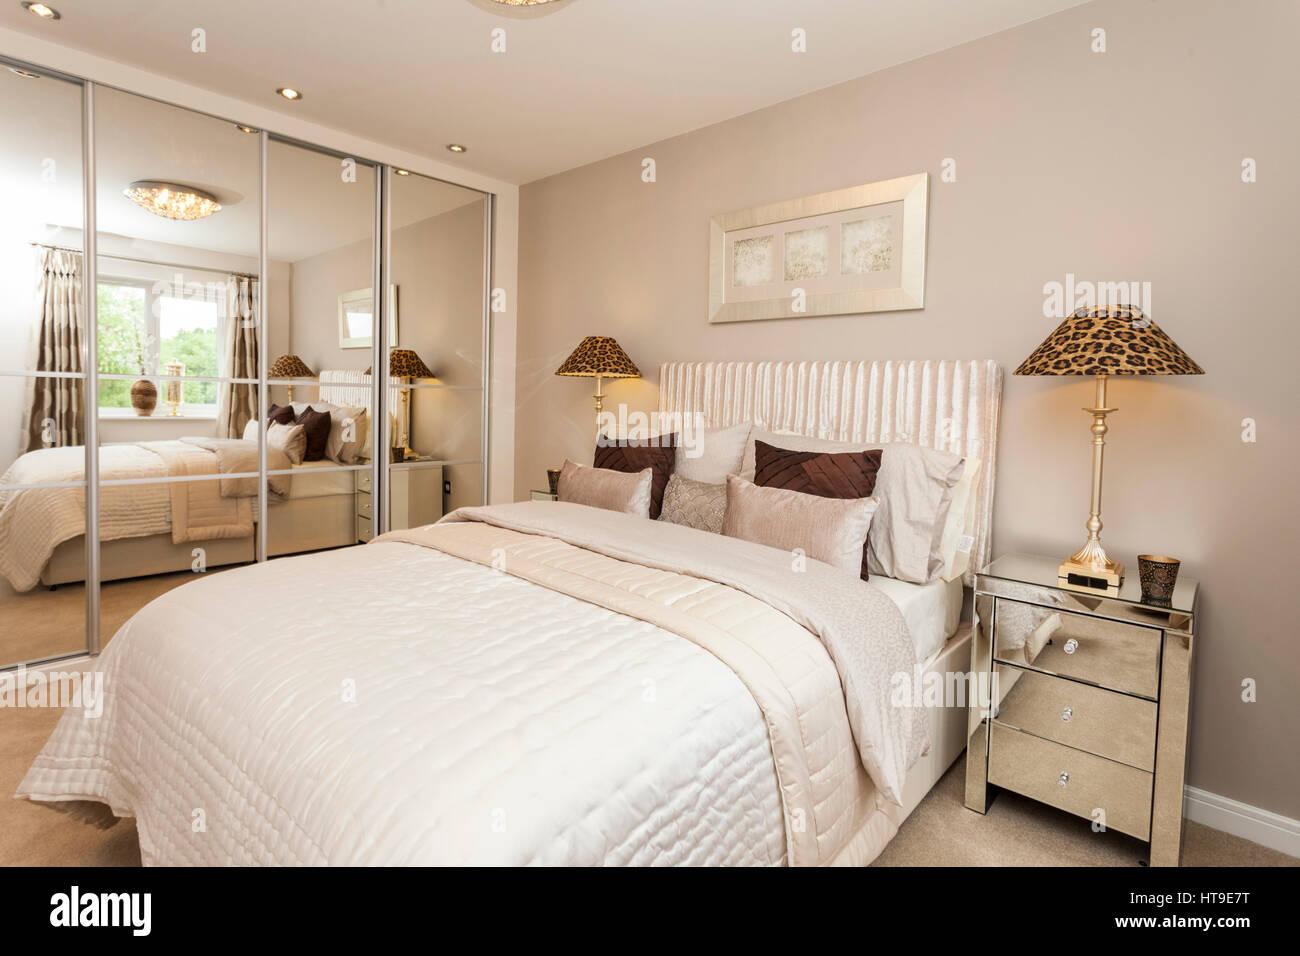 Interior dormitorio blanco beige crema colores - Dormitorio beige ...